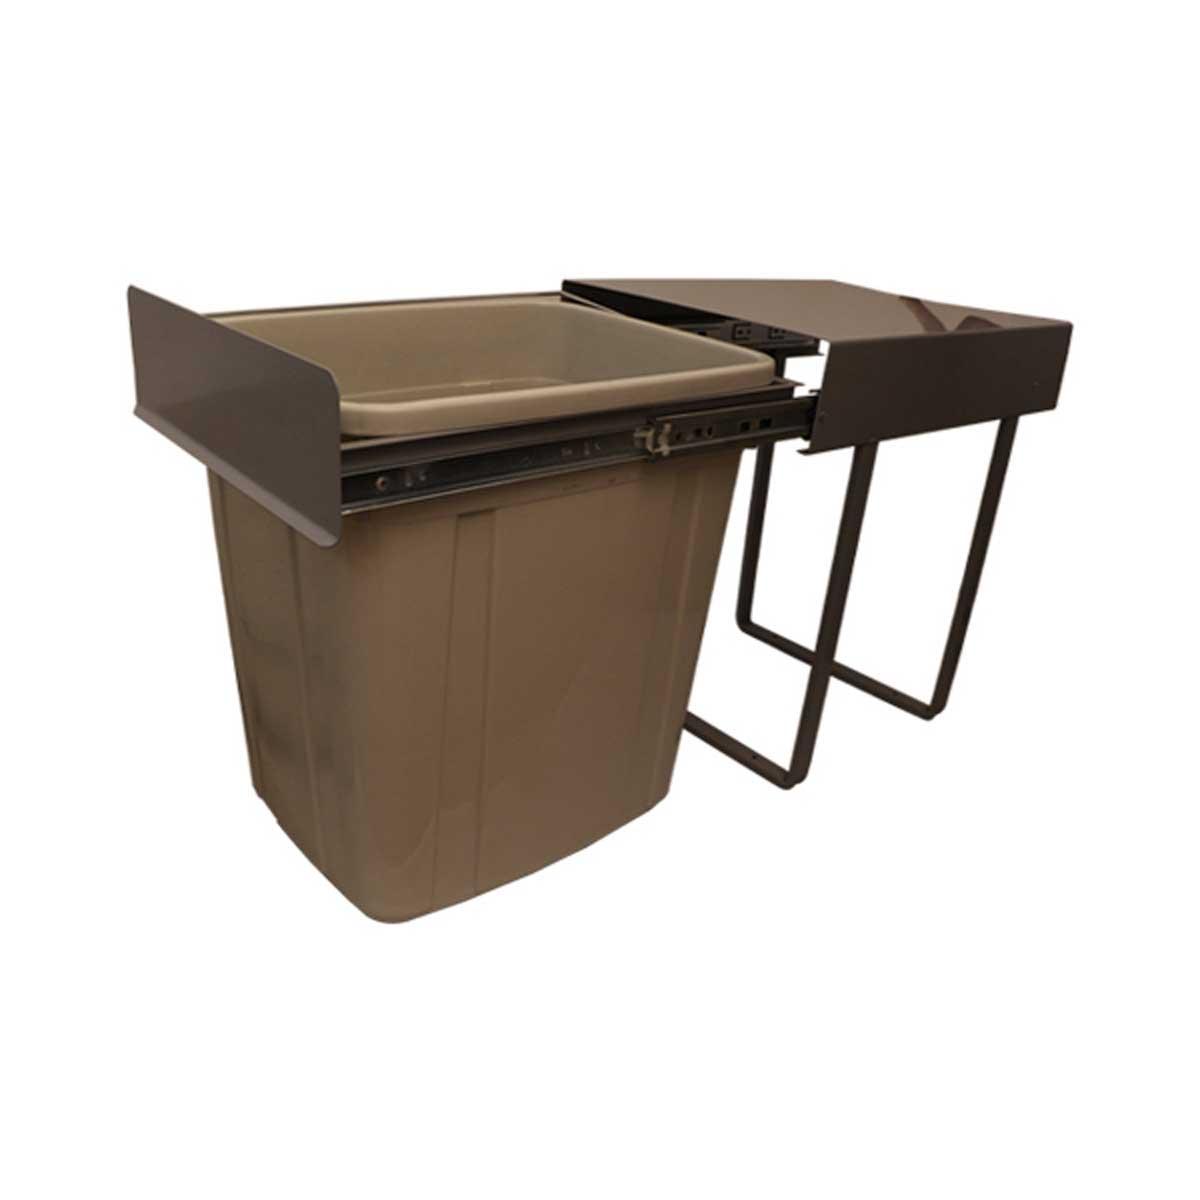 سطل زباله کابینتی مدل کلاسیک 01 گنجایش 35 لیتر